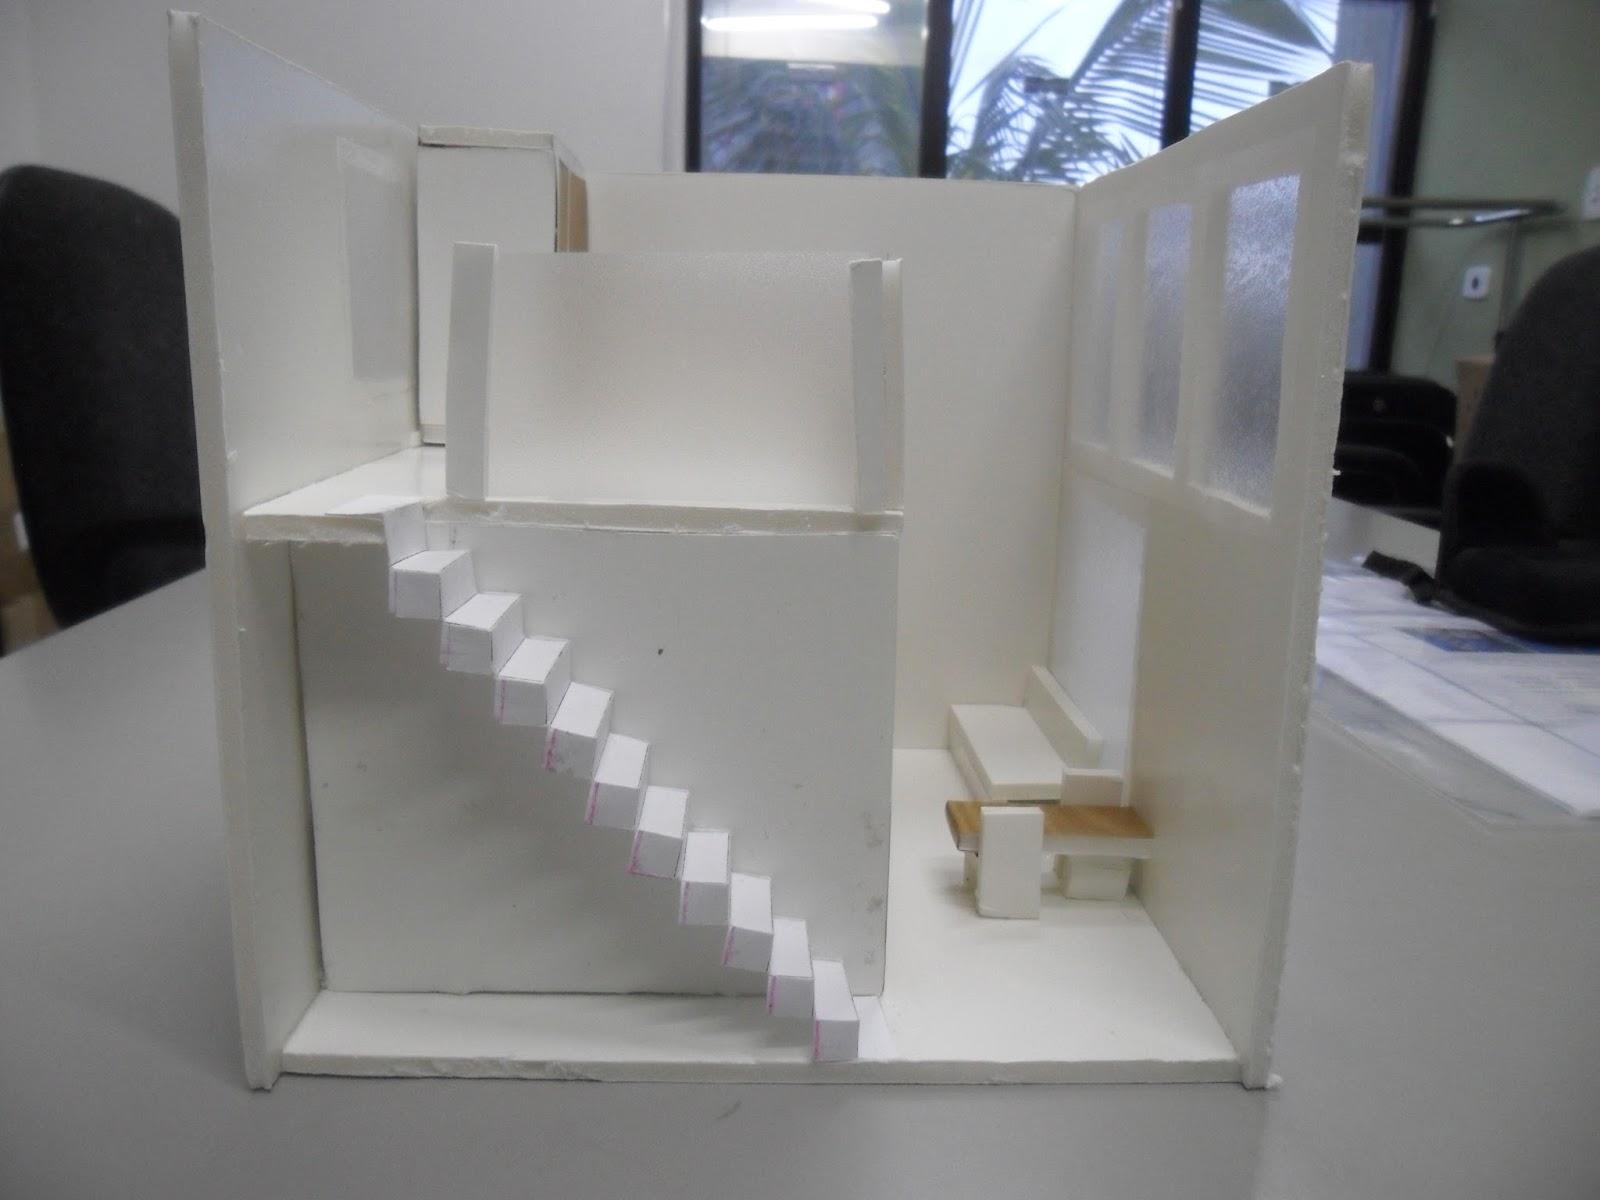 Arquitetura e urbanismo projetos da turma for Casa moderna 4x4